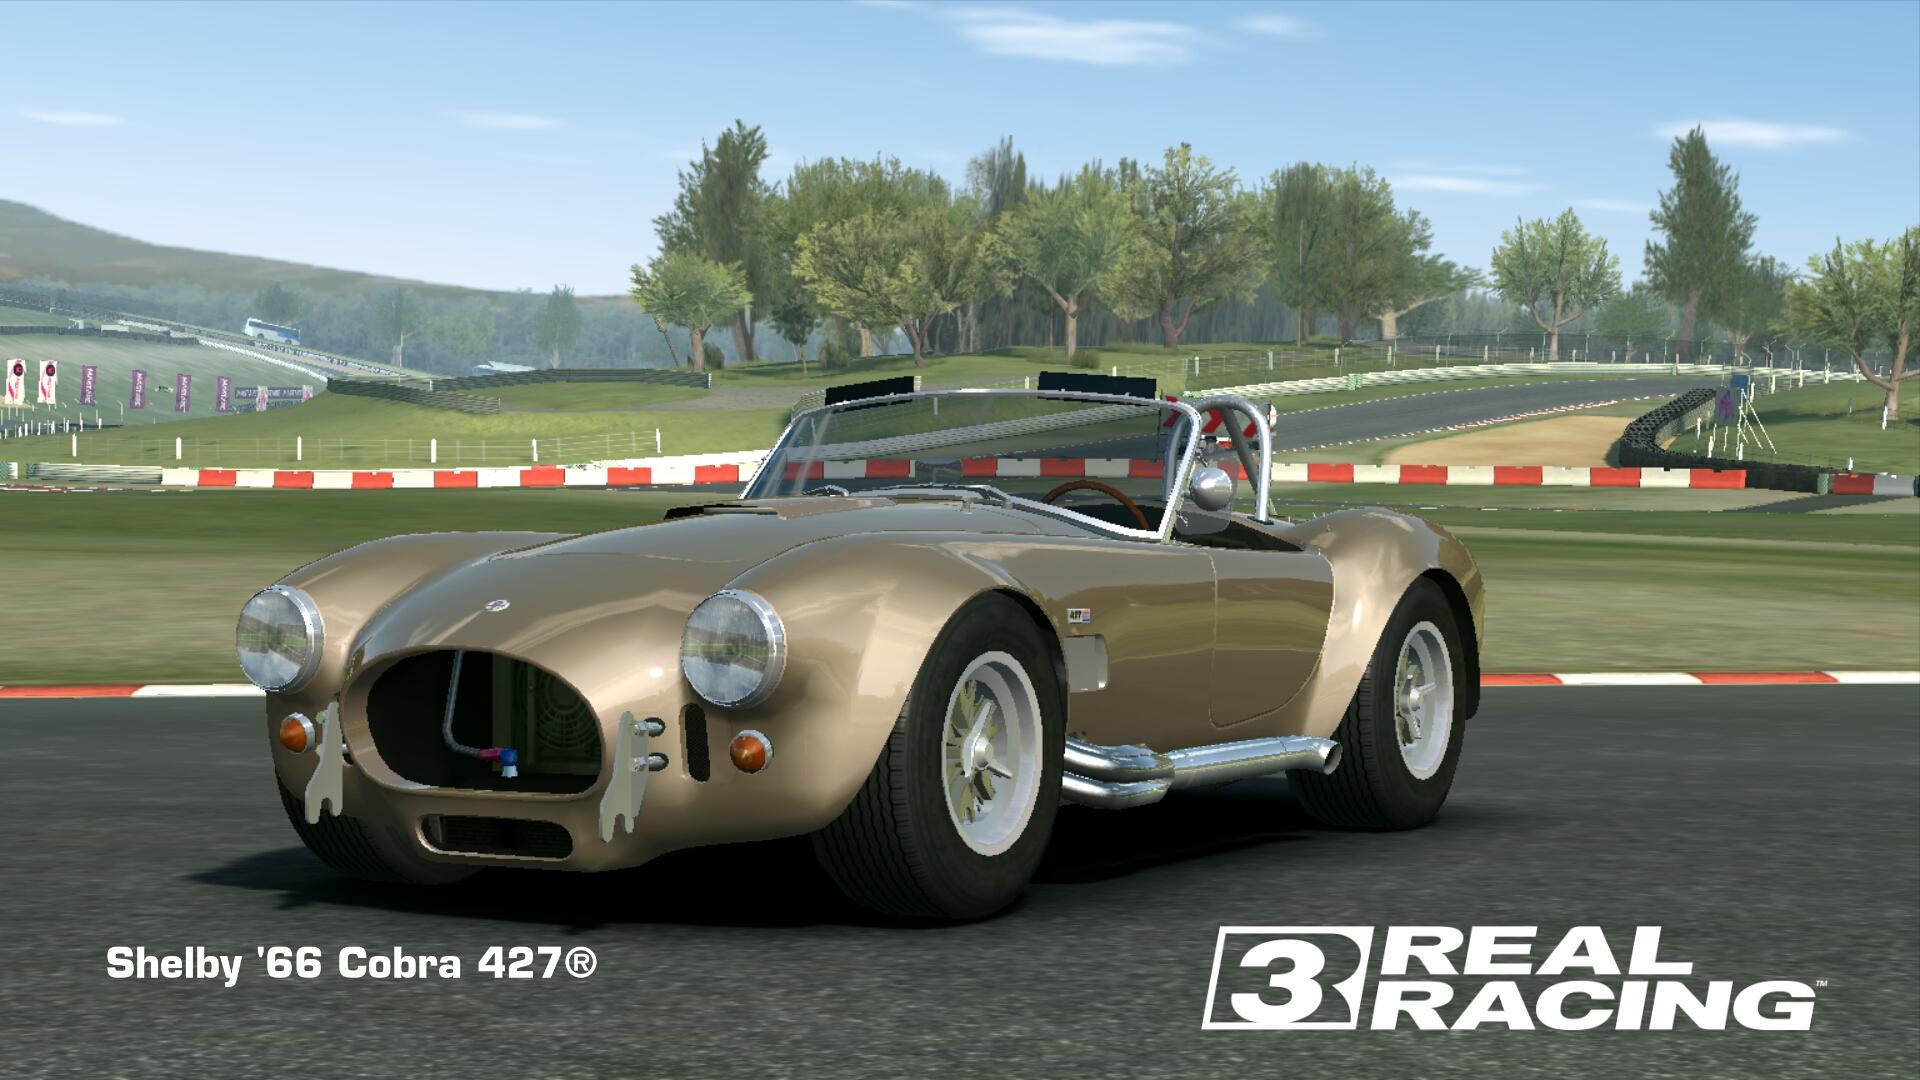 Showcase Shelby '66 Cobra 427